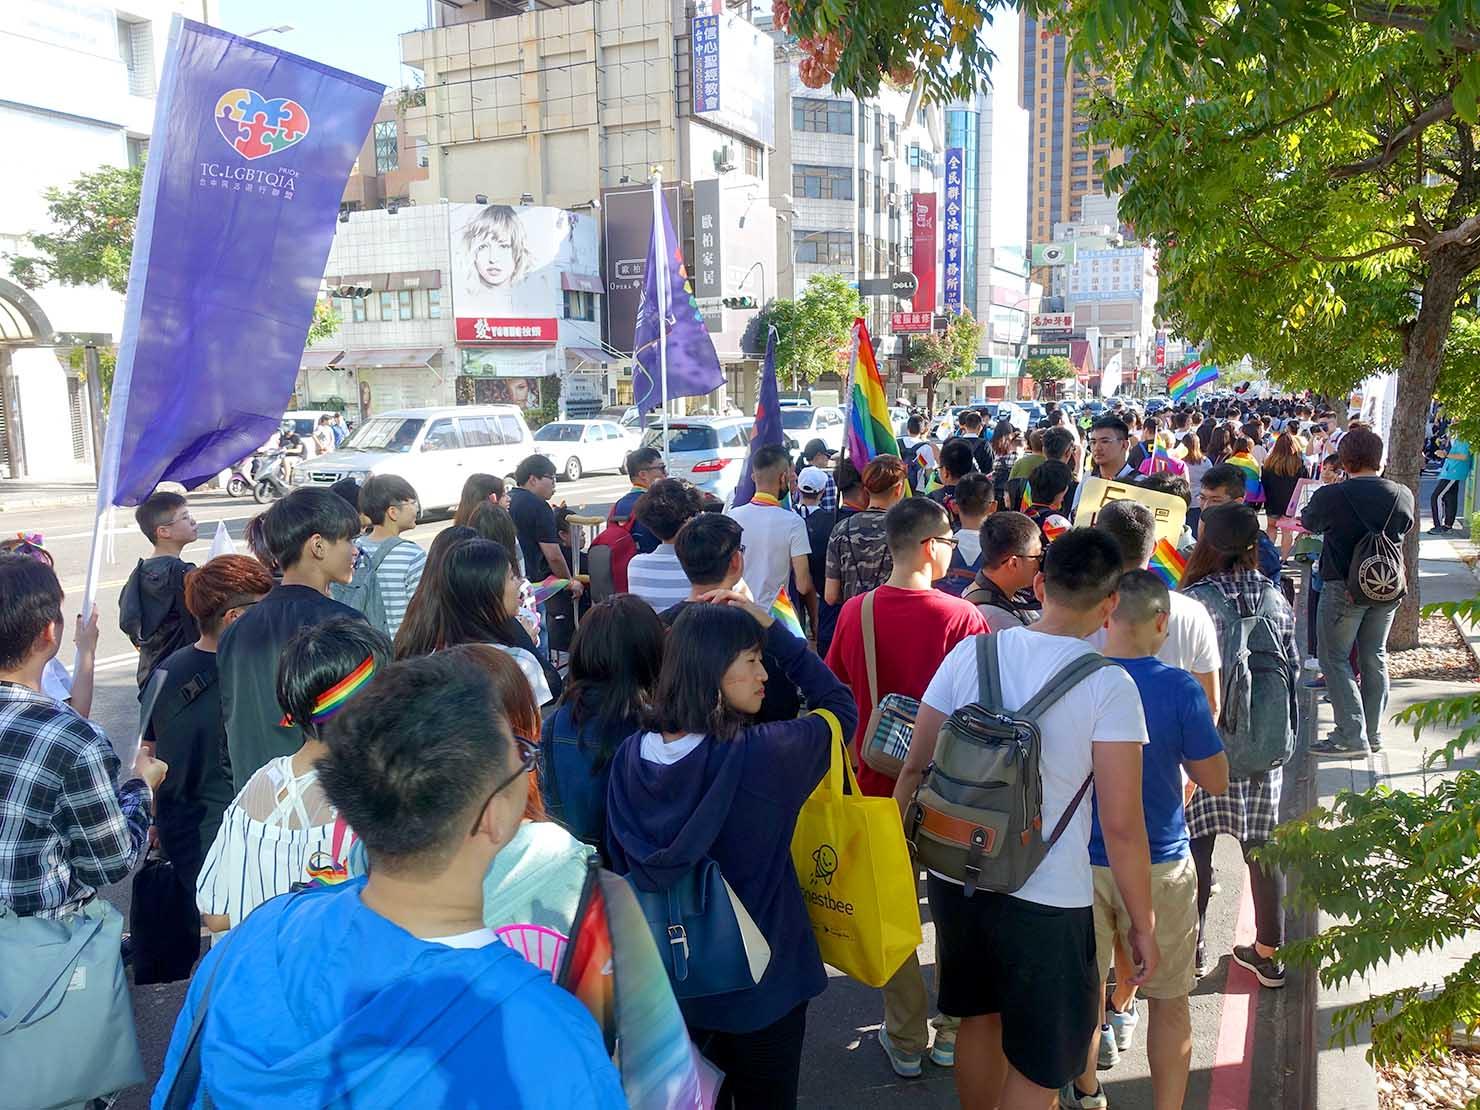 台中同志遊行(台中LGBTプライド)2017の後ろから見たパレード隊列